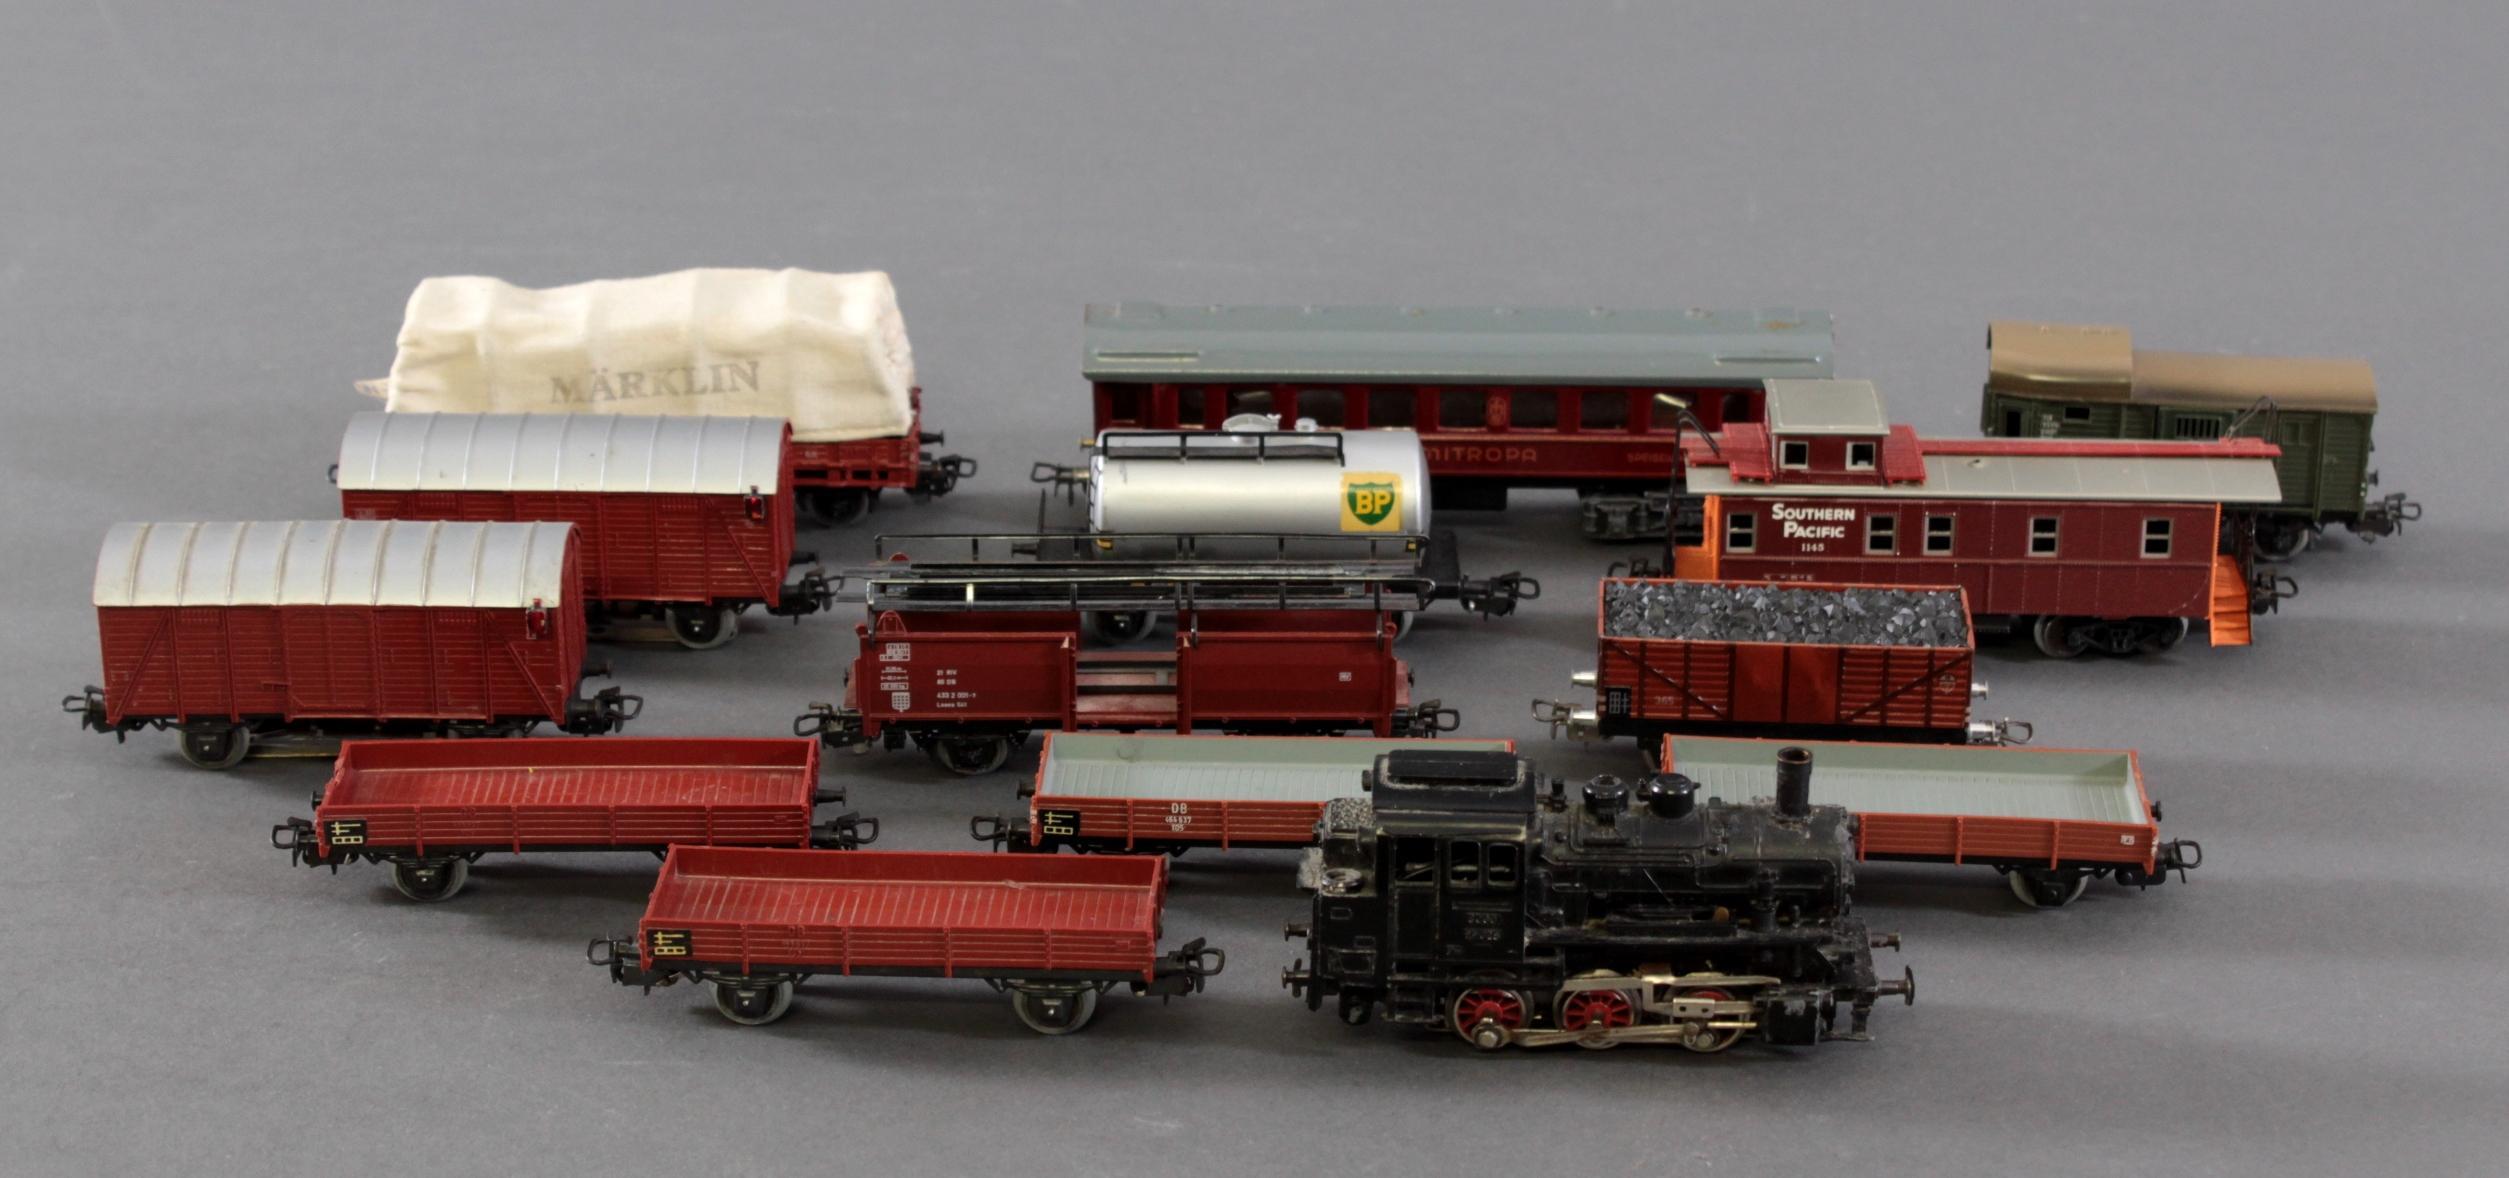 Märklin Dampflok BR 89 023 mit 12 Güter- und 1 Personenwaggon aus Blech und Kunststoff, Spur H0